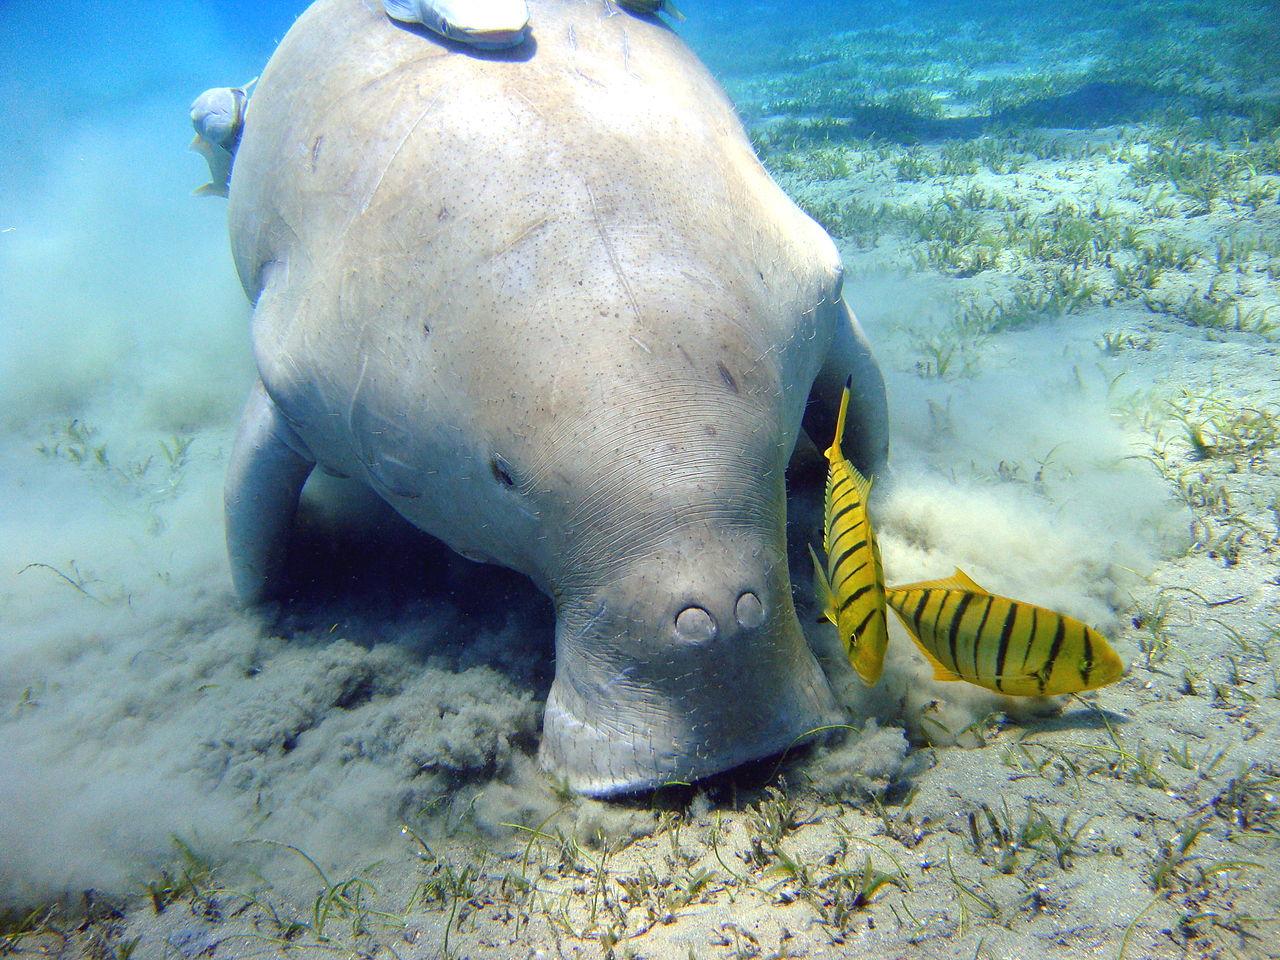 Gabelschwanzseekuh - Dugong